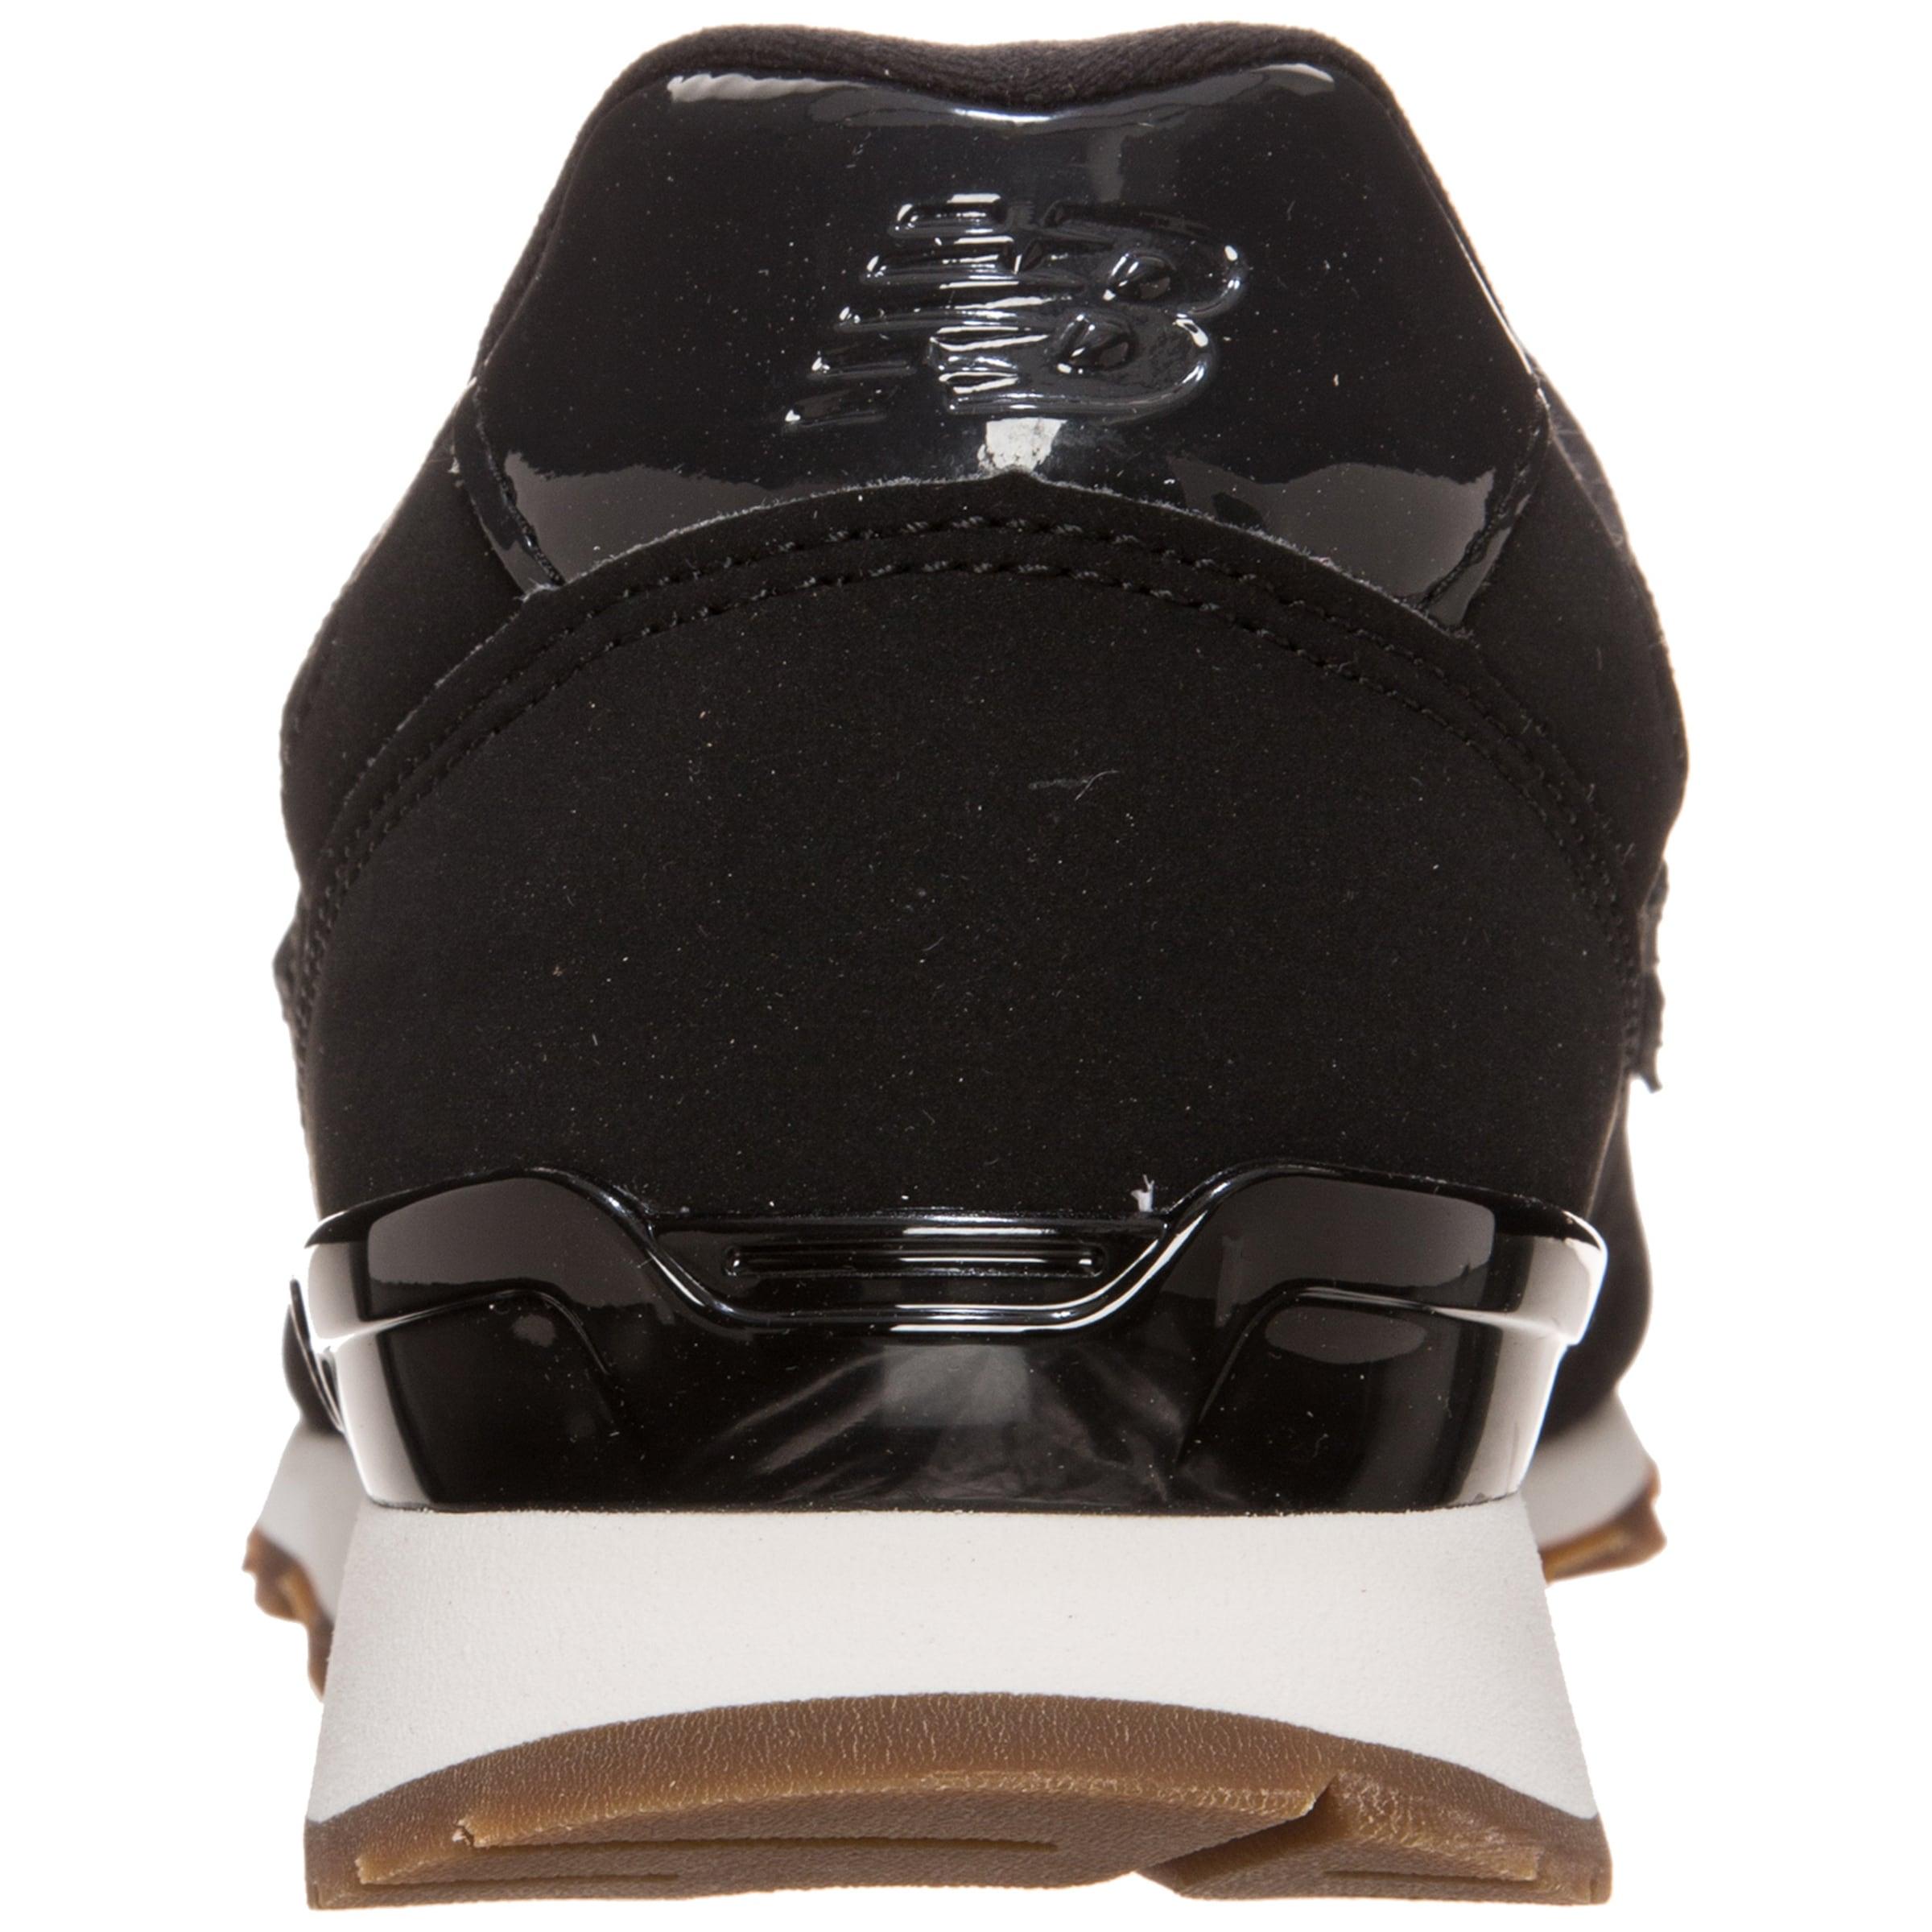 Aus Deutschland Online Rabatt-Websites new balance 'WR996-SKG-D' Sneaker Neuesten Kollektionen Günstiger Preis 100% Authentisch Günstiger Preis Freies Verschiffen Niedrigsten Preis qdCKUdPd